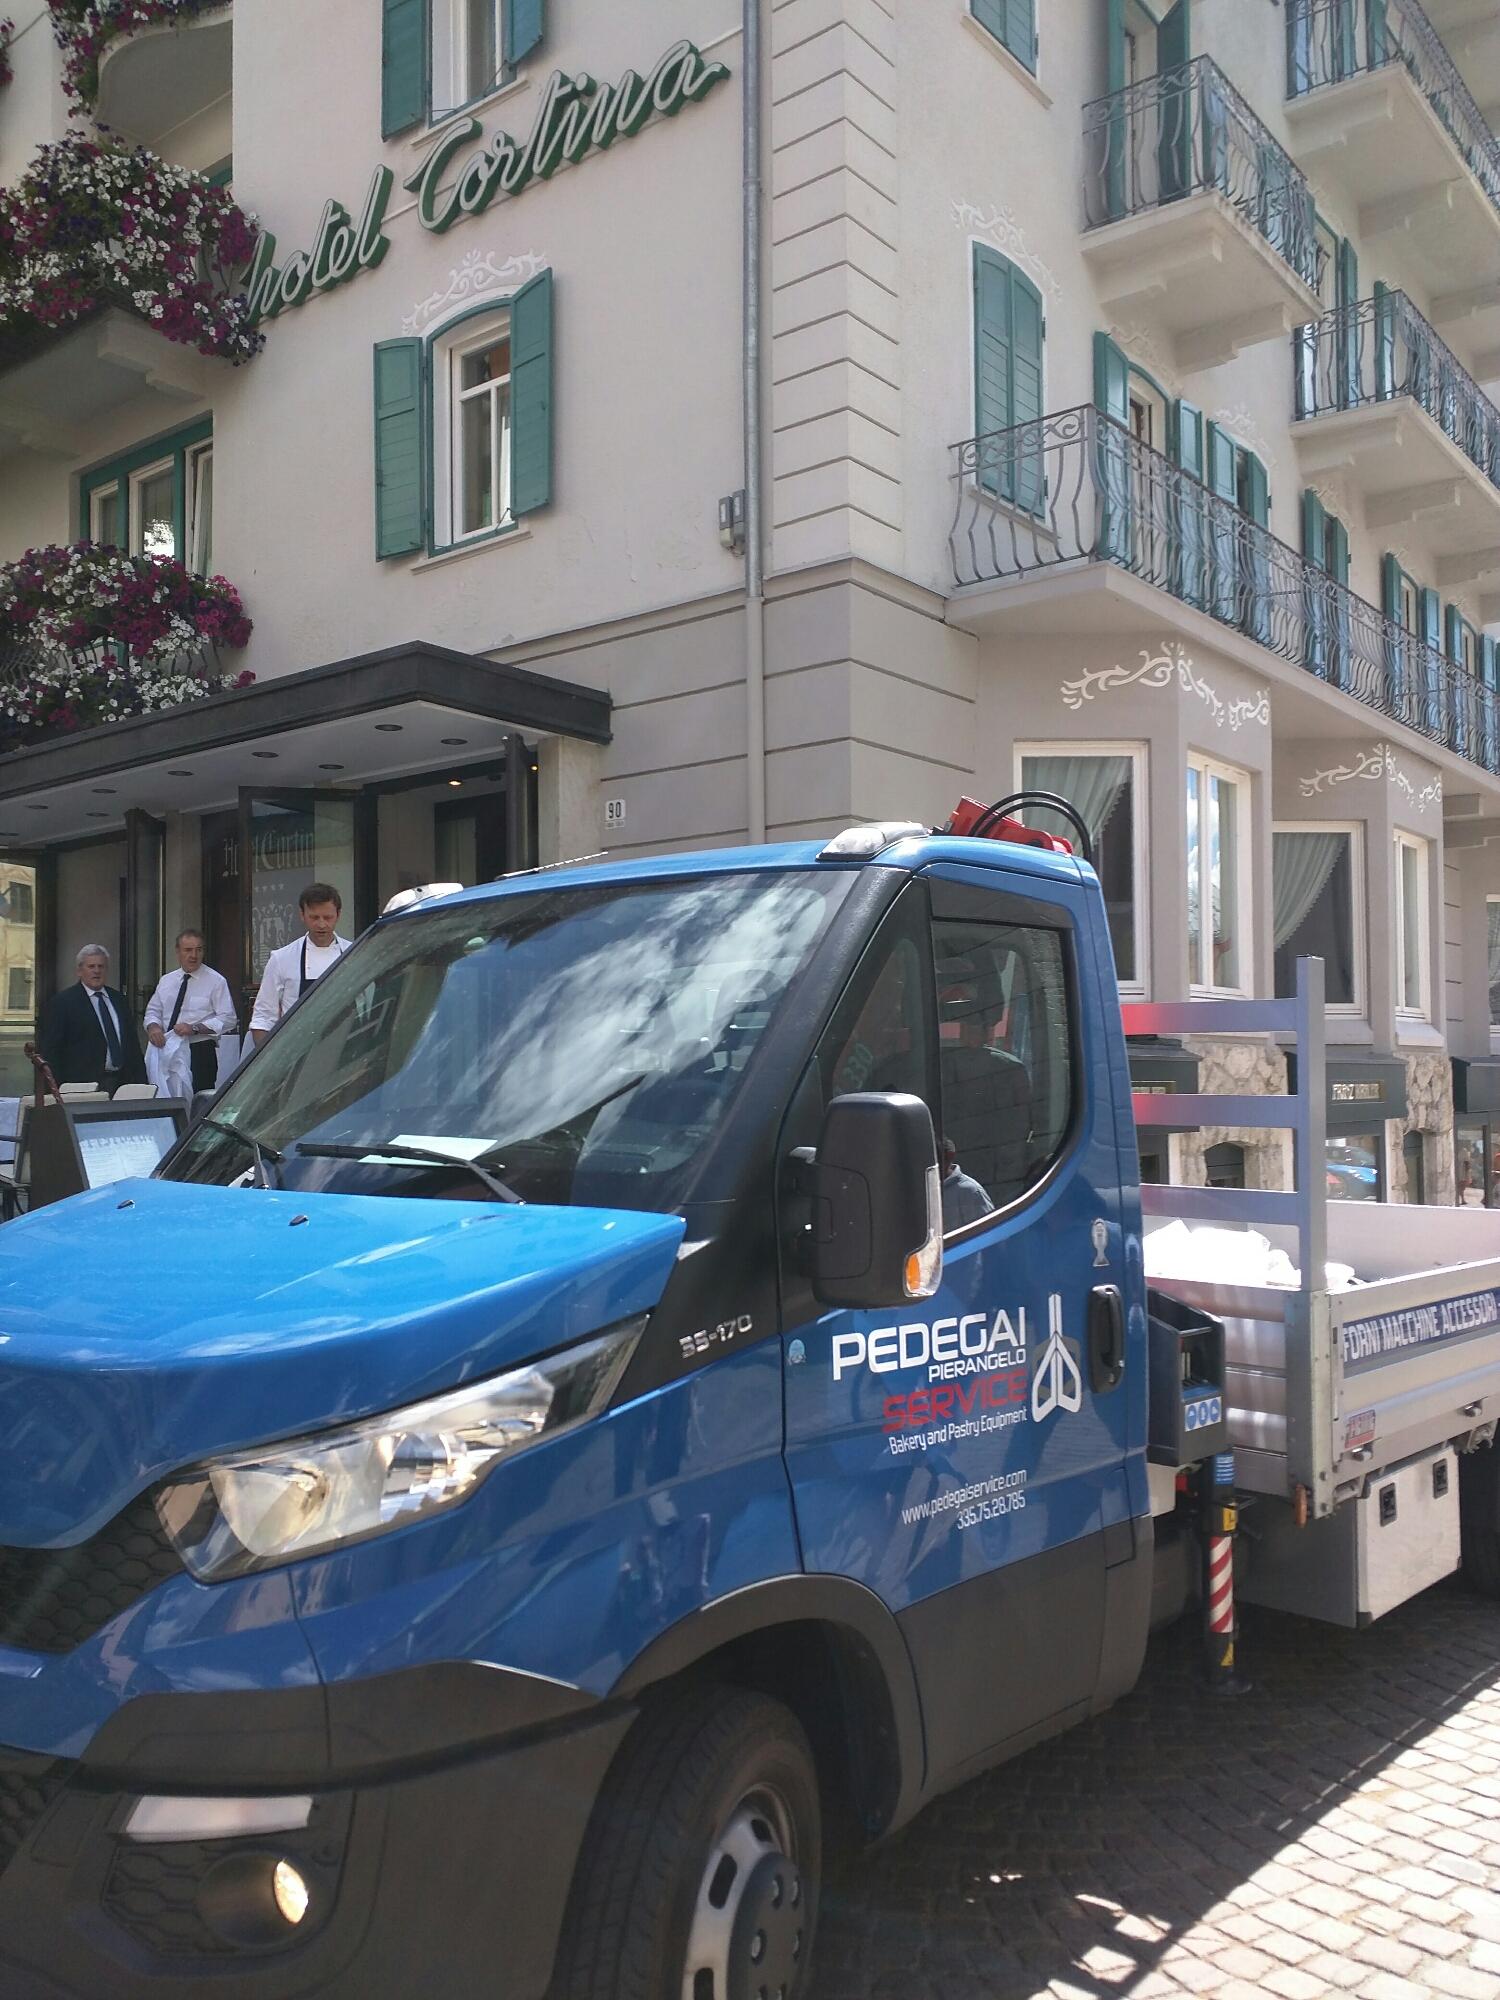 Consegna nuovo forno pasticceria Corso Italia Cortina d'Ampezzo